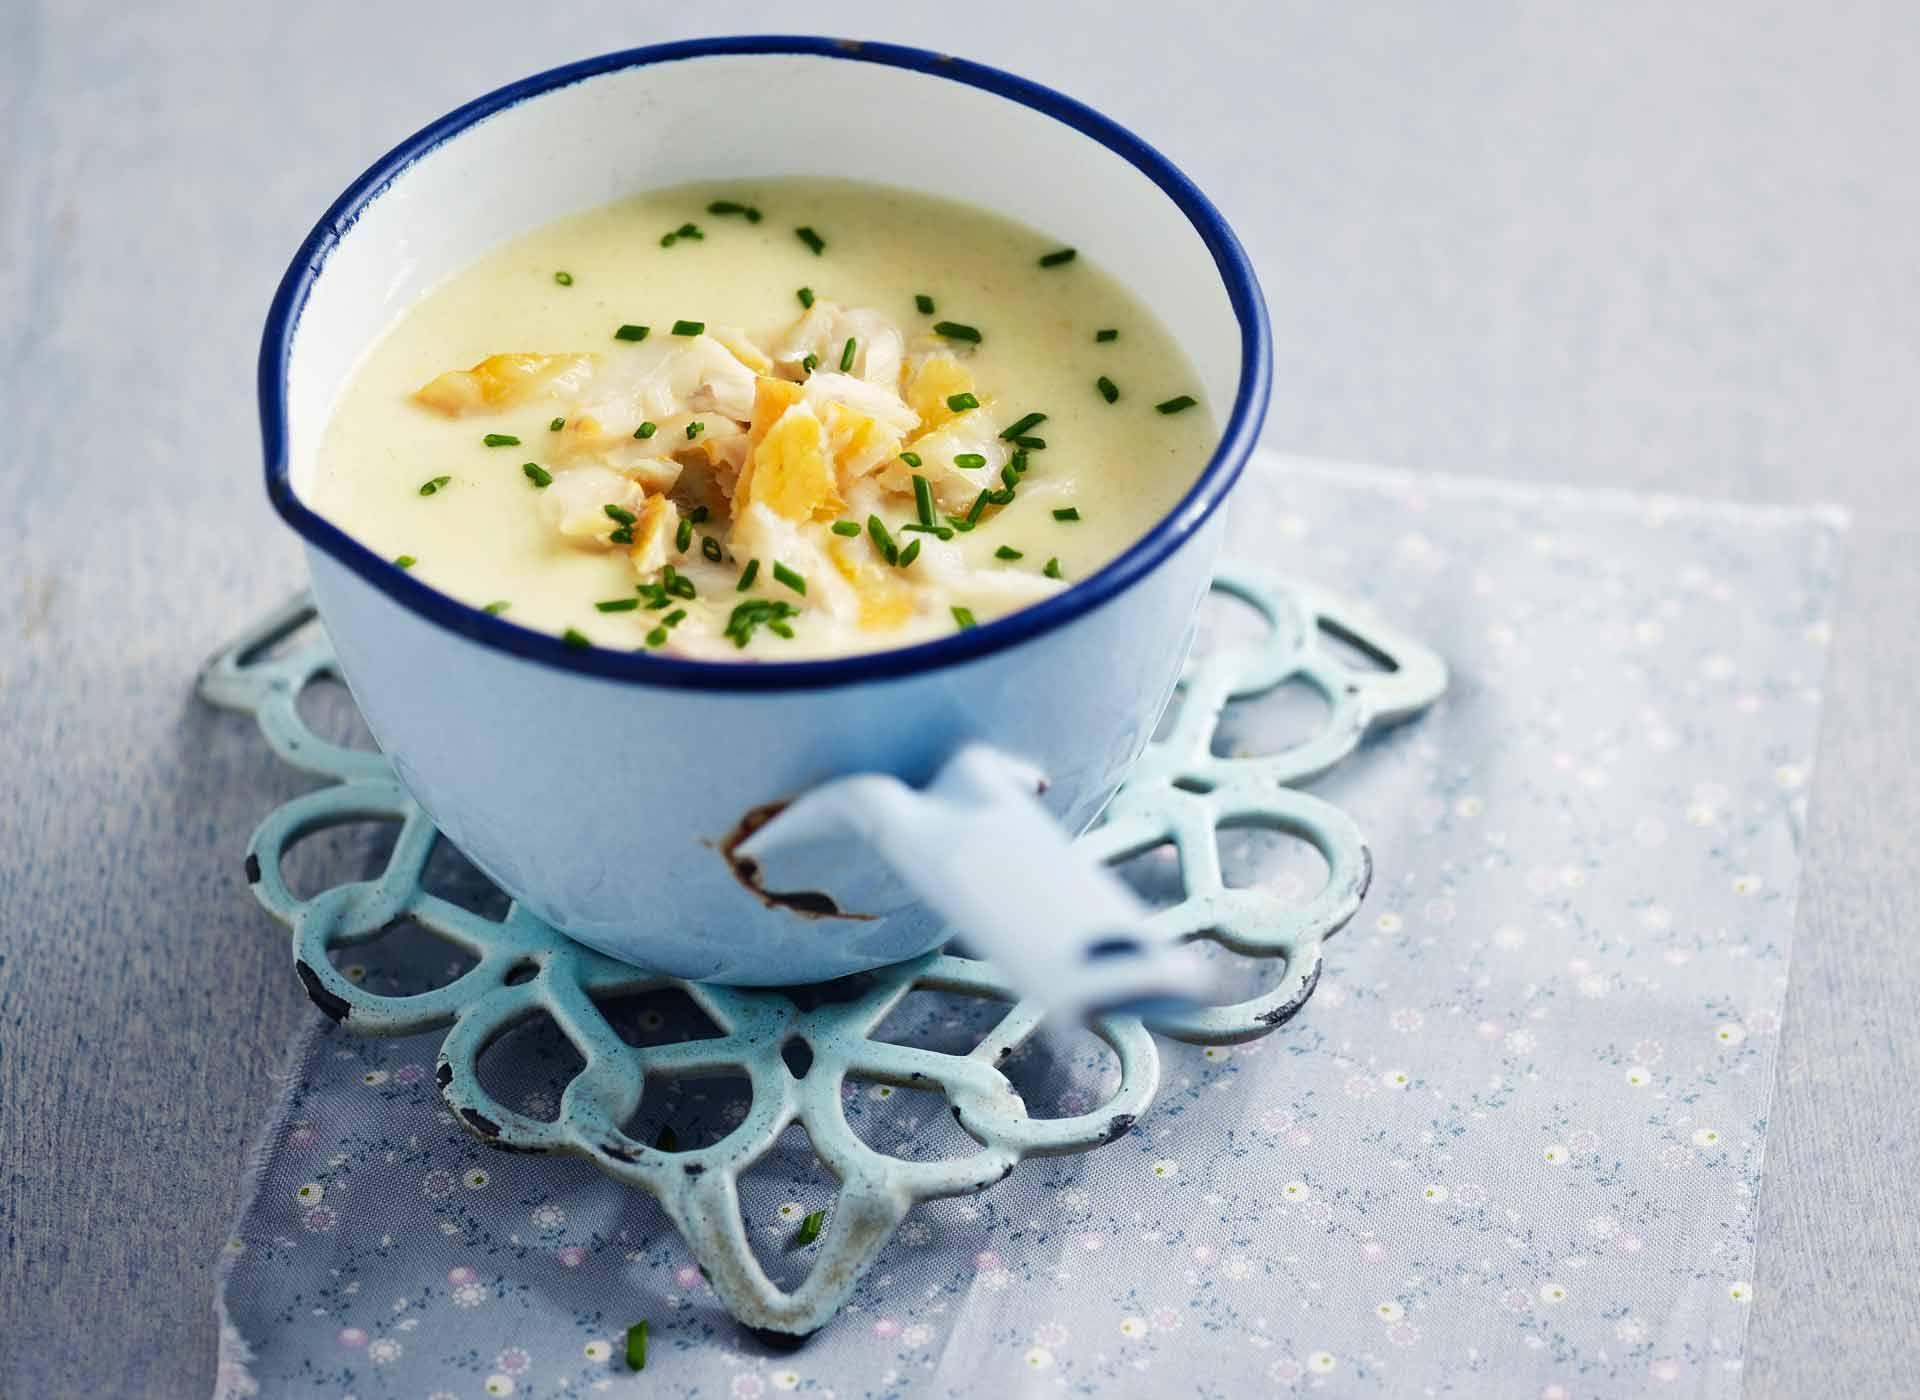 Soupe de poissons à la crème #DanOn #recette